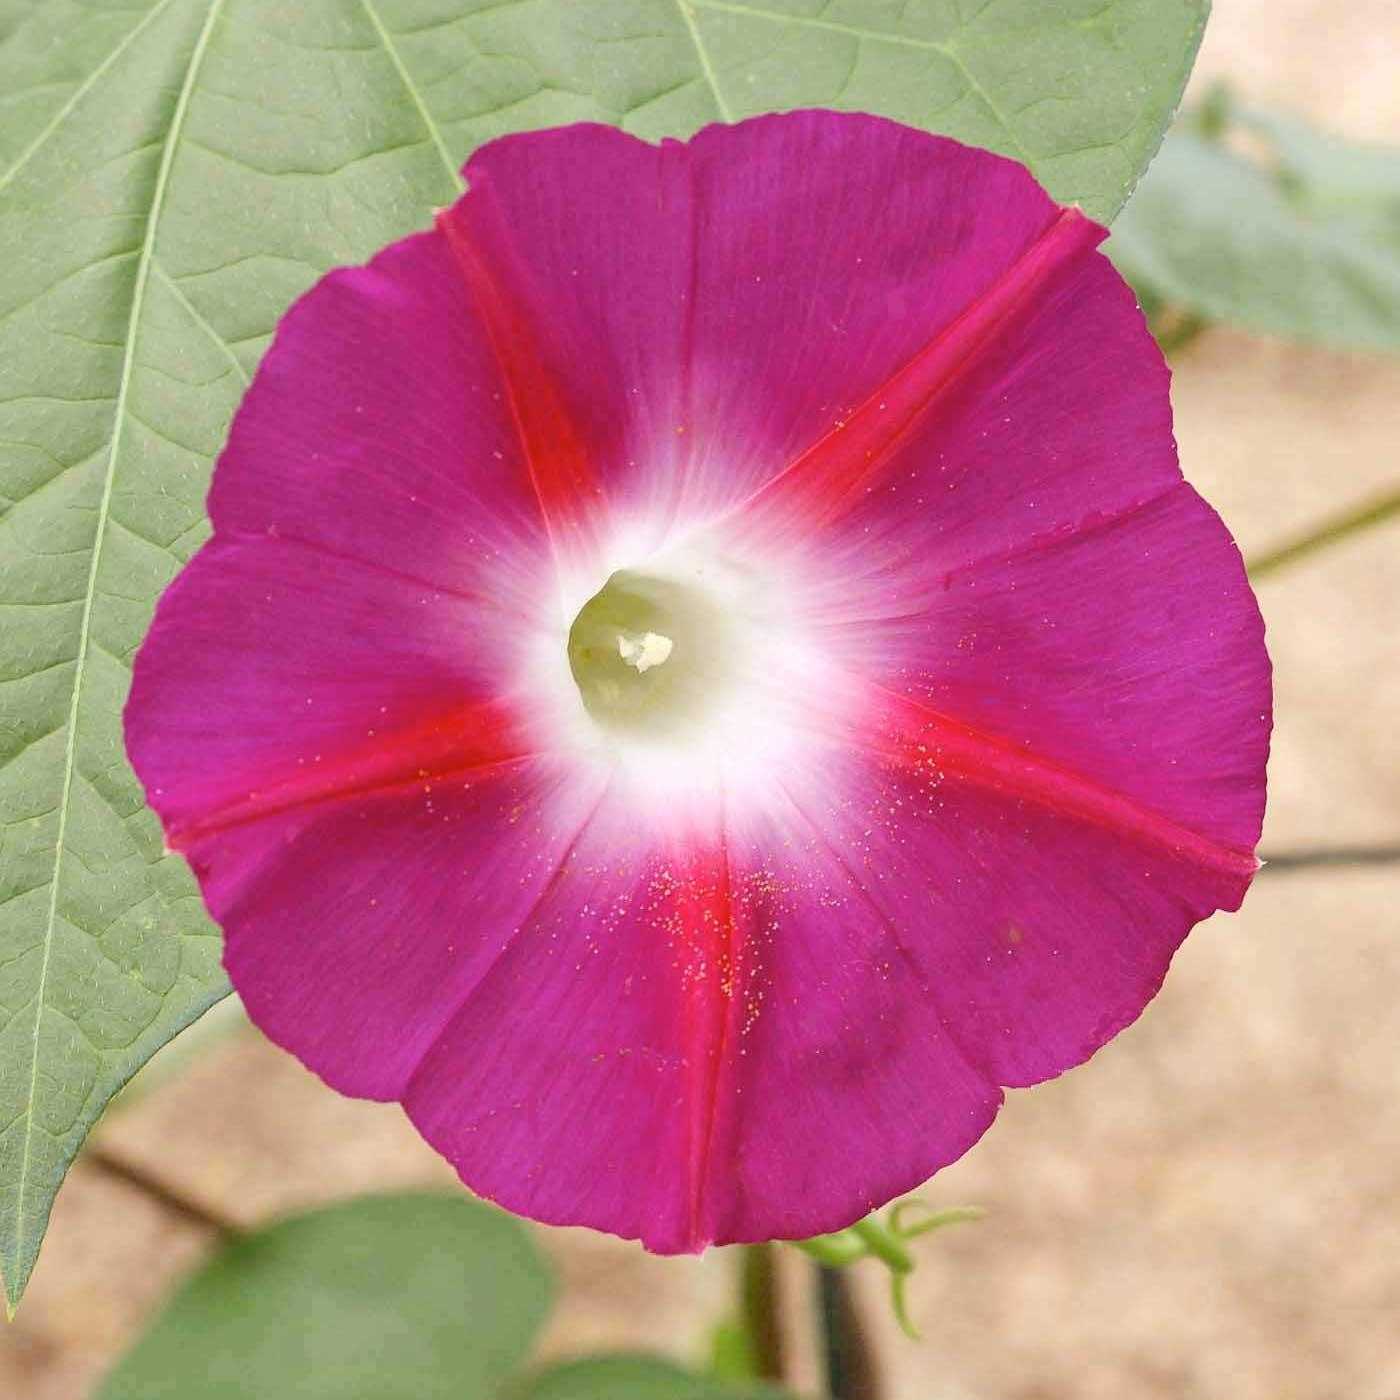 Ảnh đẹp hoa bìm bịp hồng tím